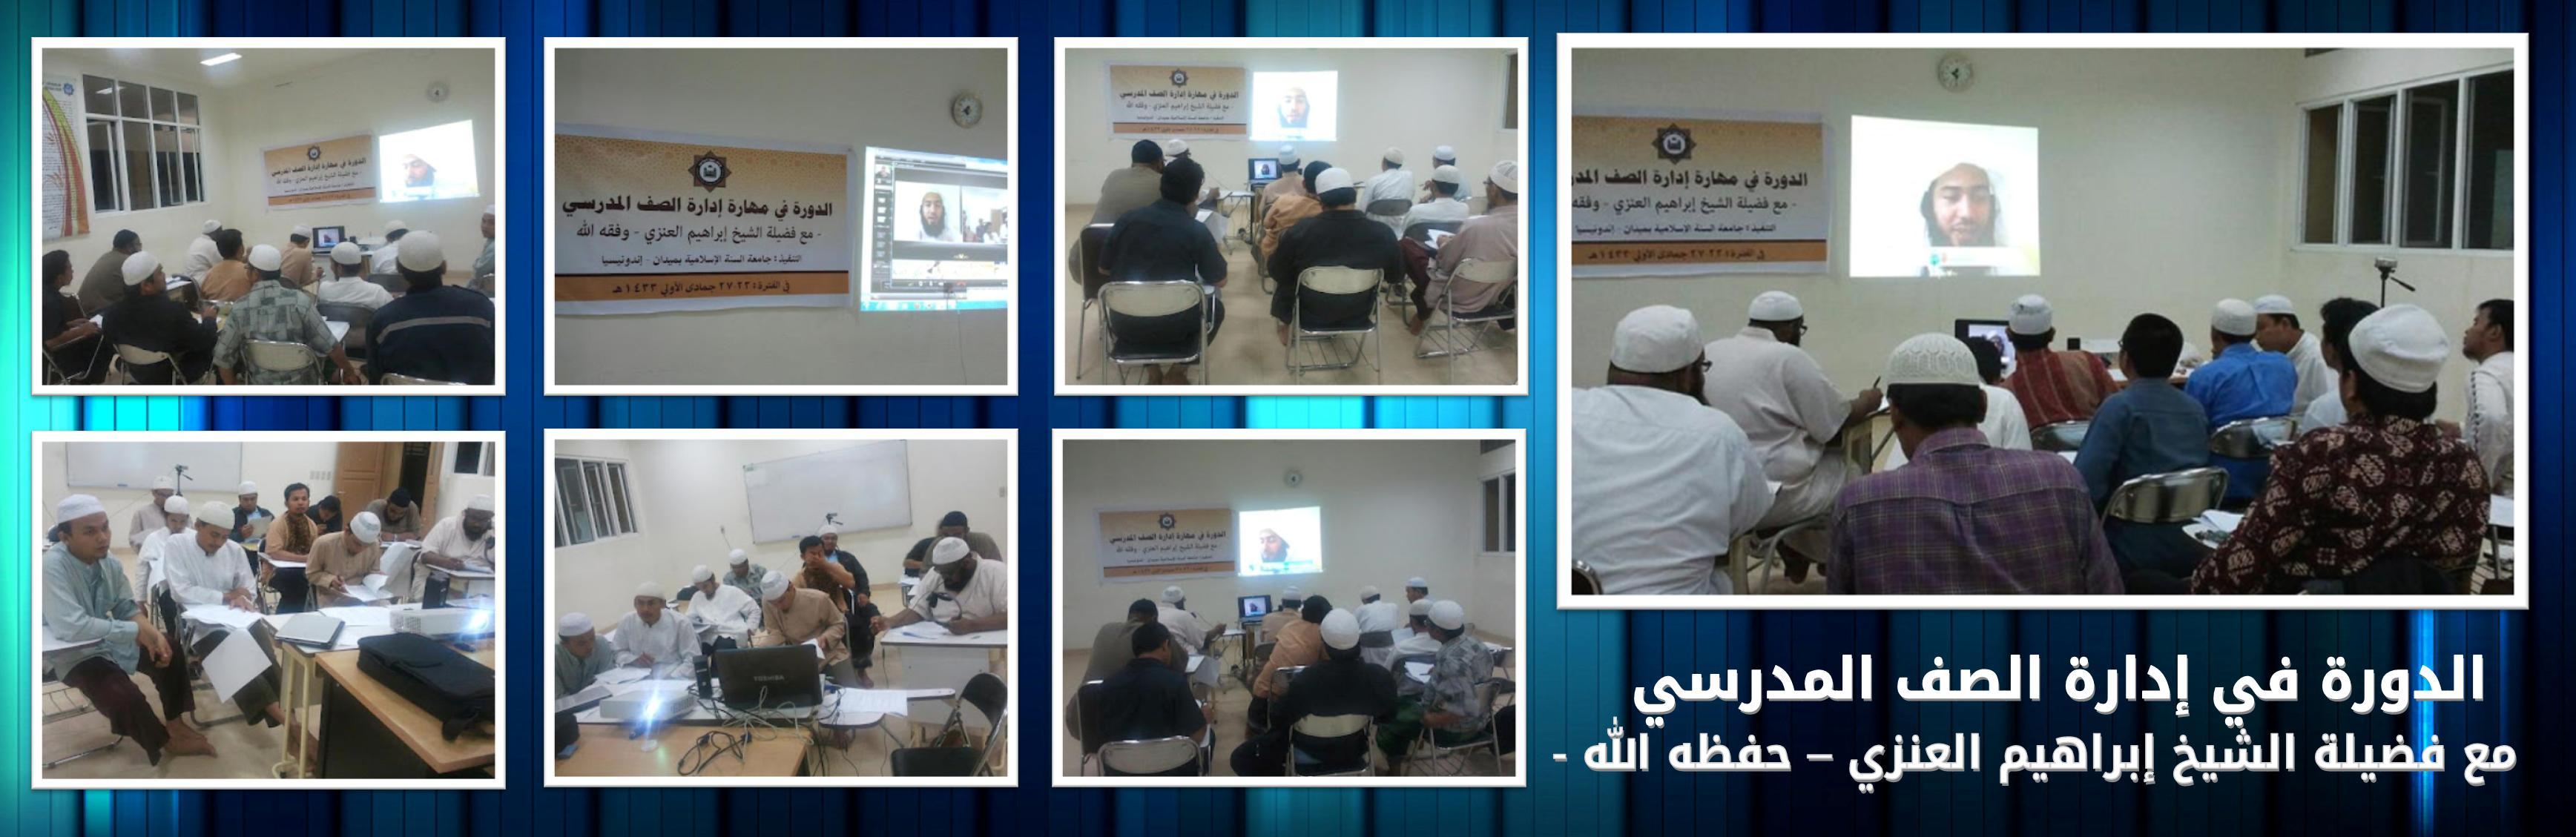 الدورة في إدارة الصف المدرسي مع فضيلة الشيخ إبراهيم العنزي – حفظه الله –